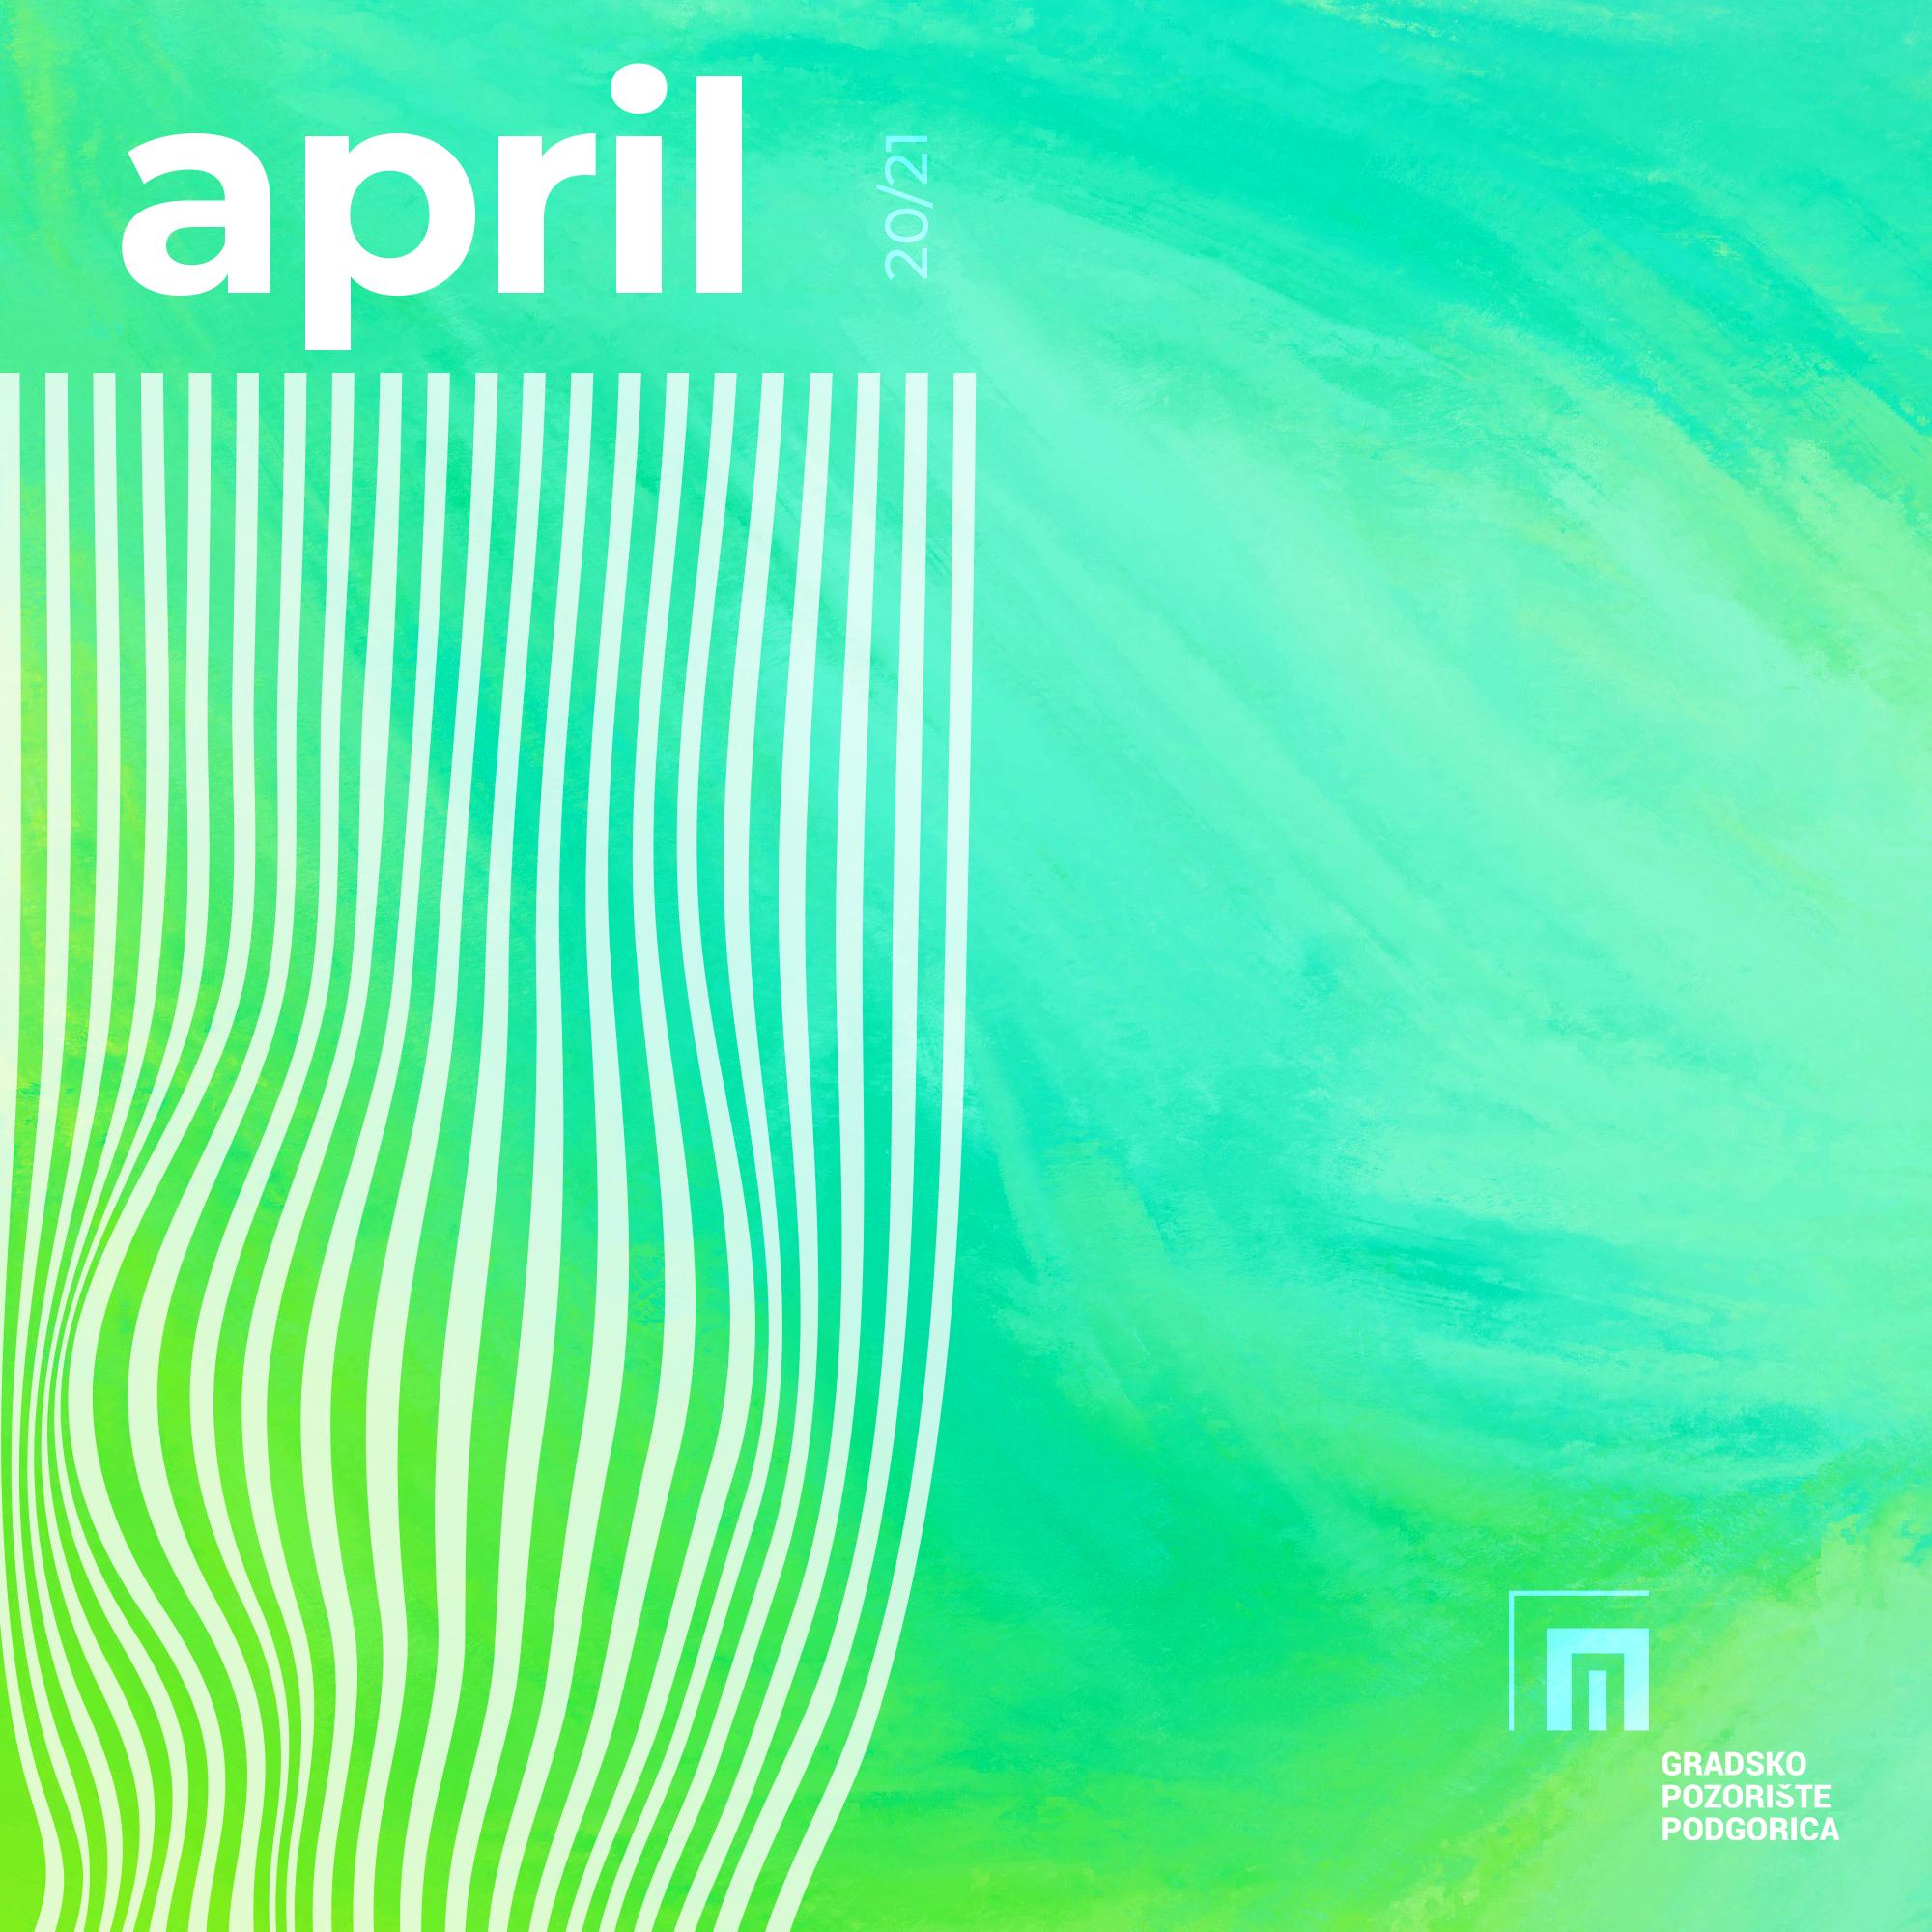 Repertoar za april